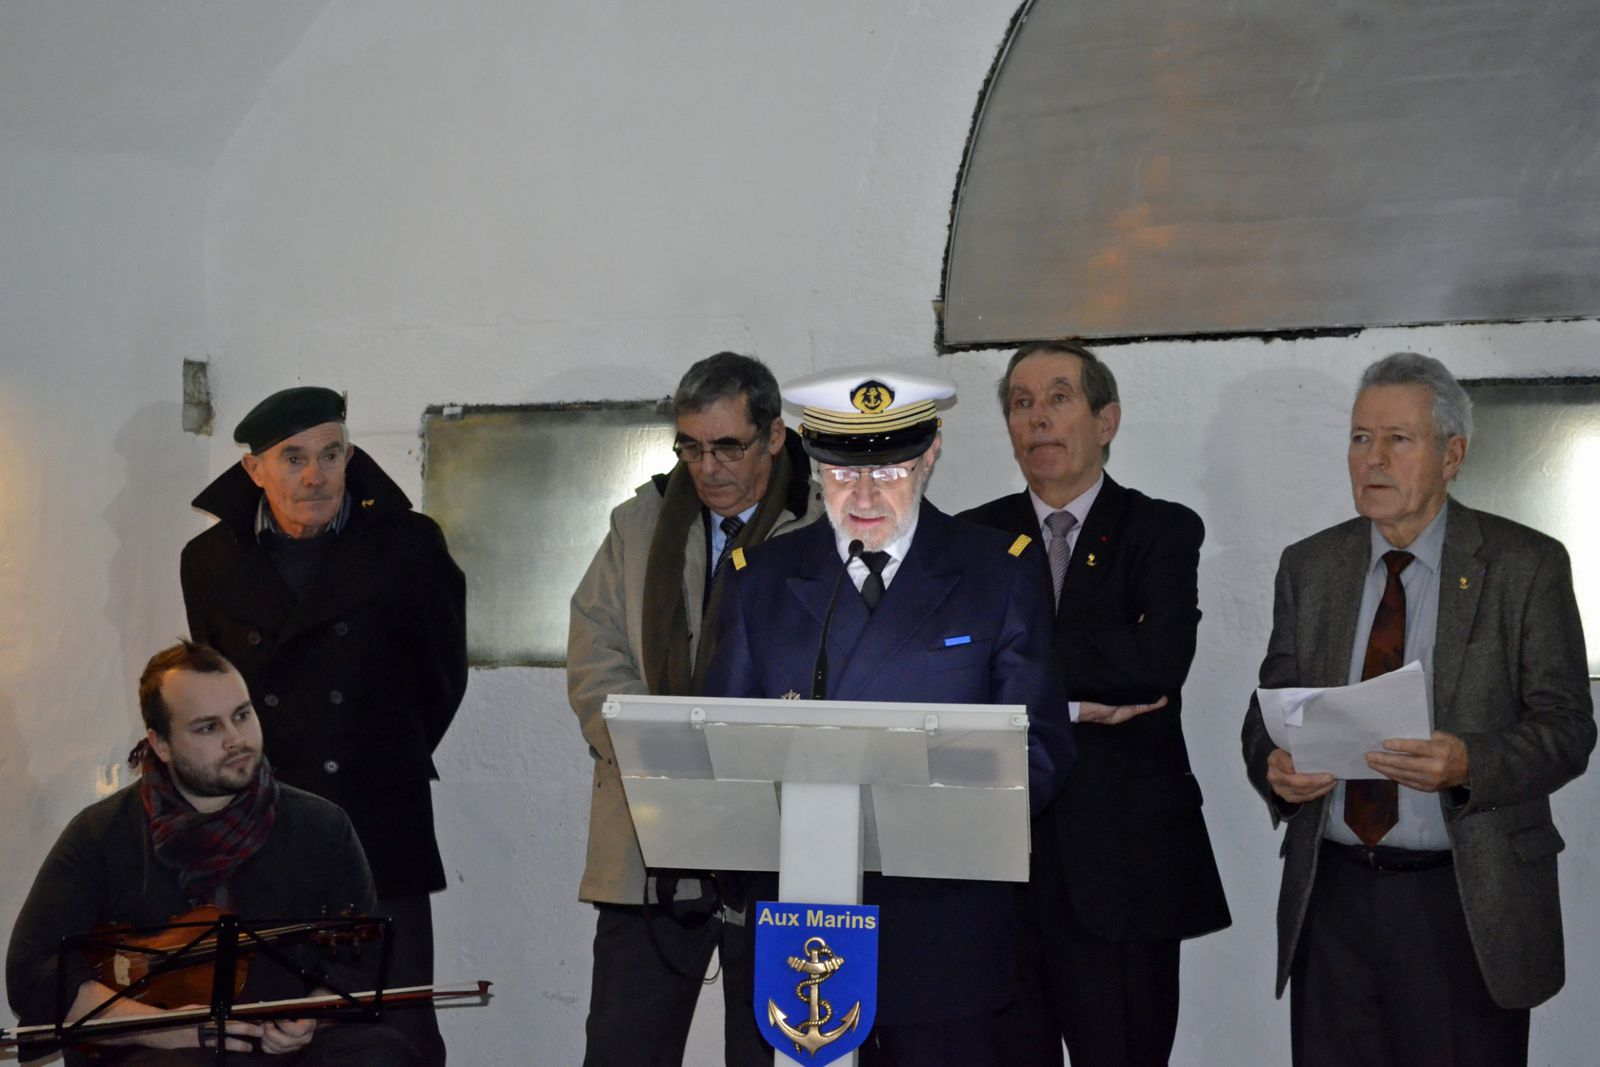 Moment de recueillement à l'occasion de la venue au Mémorial de l'Association Centrale des Officiers de Réserve de l'Armée de Mer (ACORAM). Photogaphies association Aux Marins : Raymonde Rupin et Marie-Renée Cren